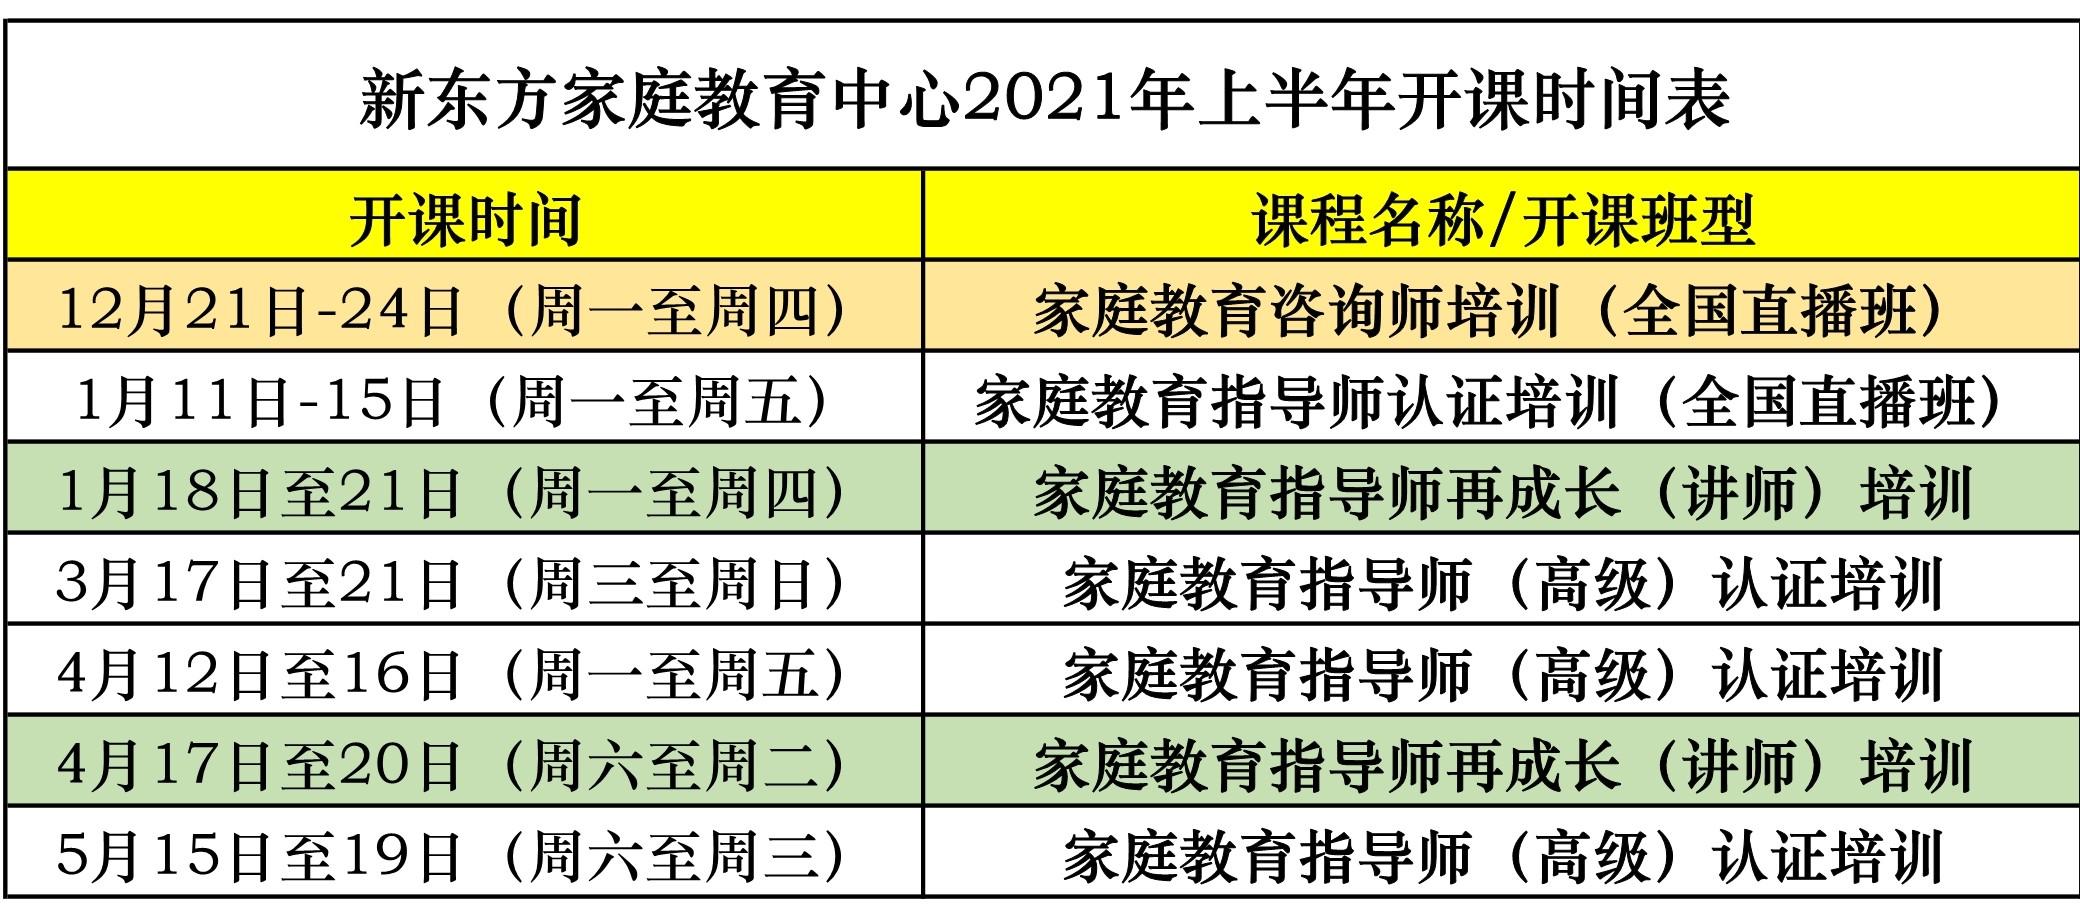 2020-2021年开课时间表0111.jpg